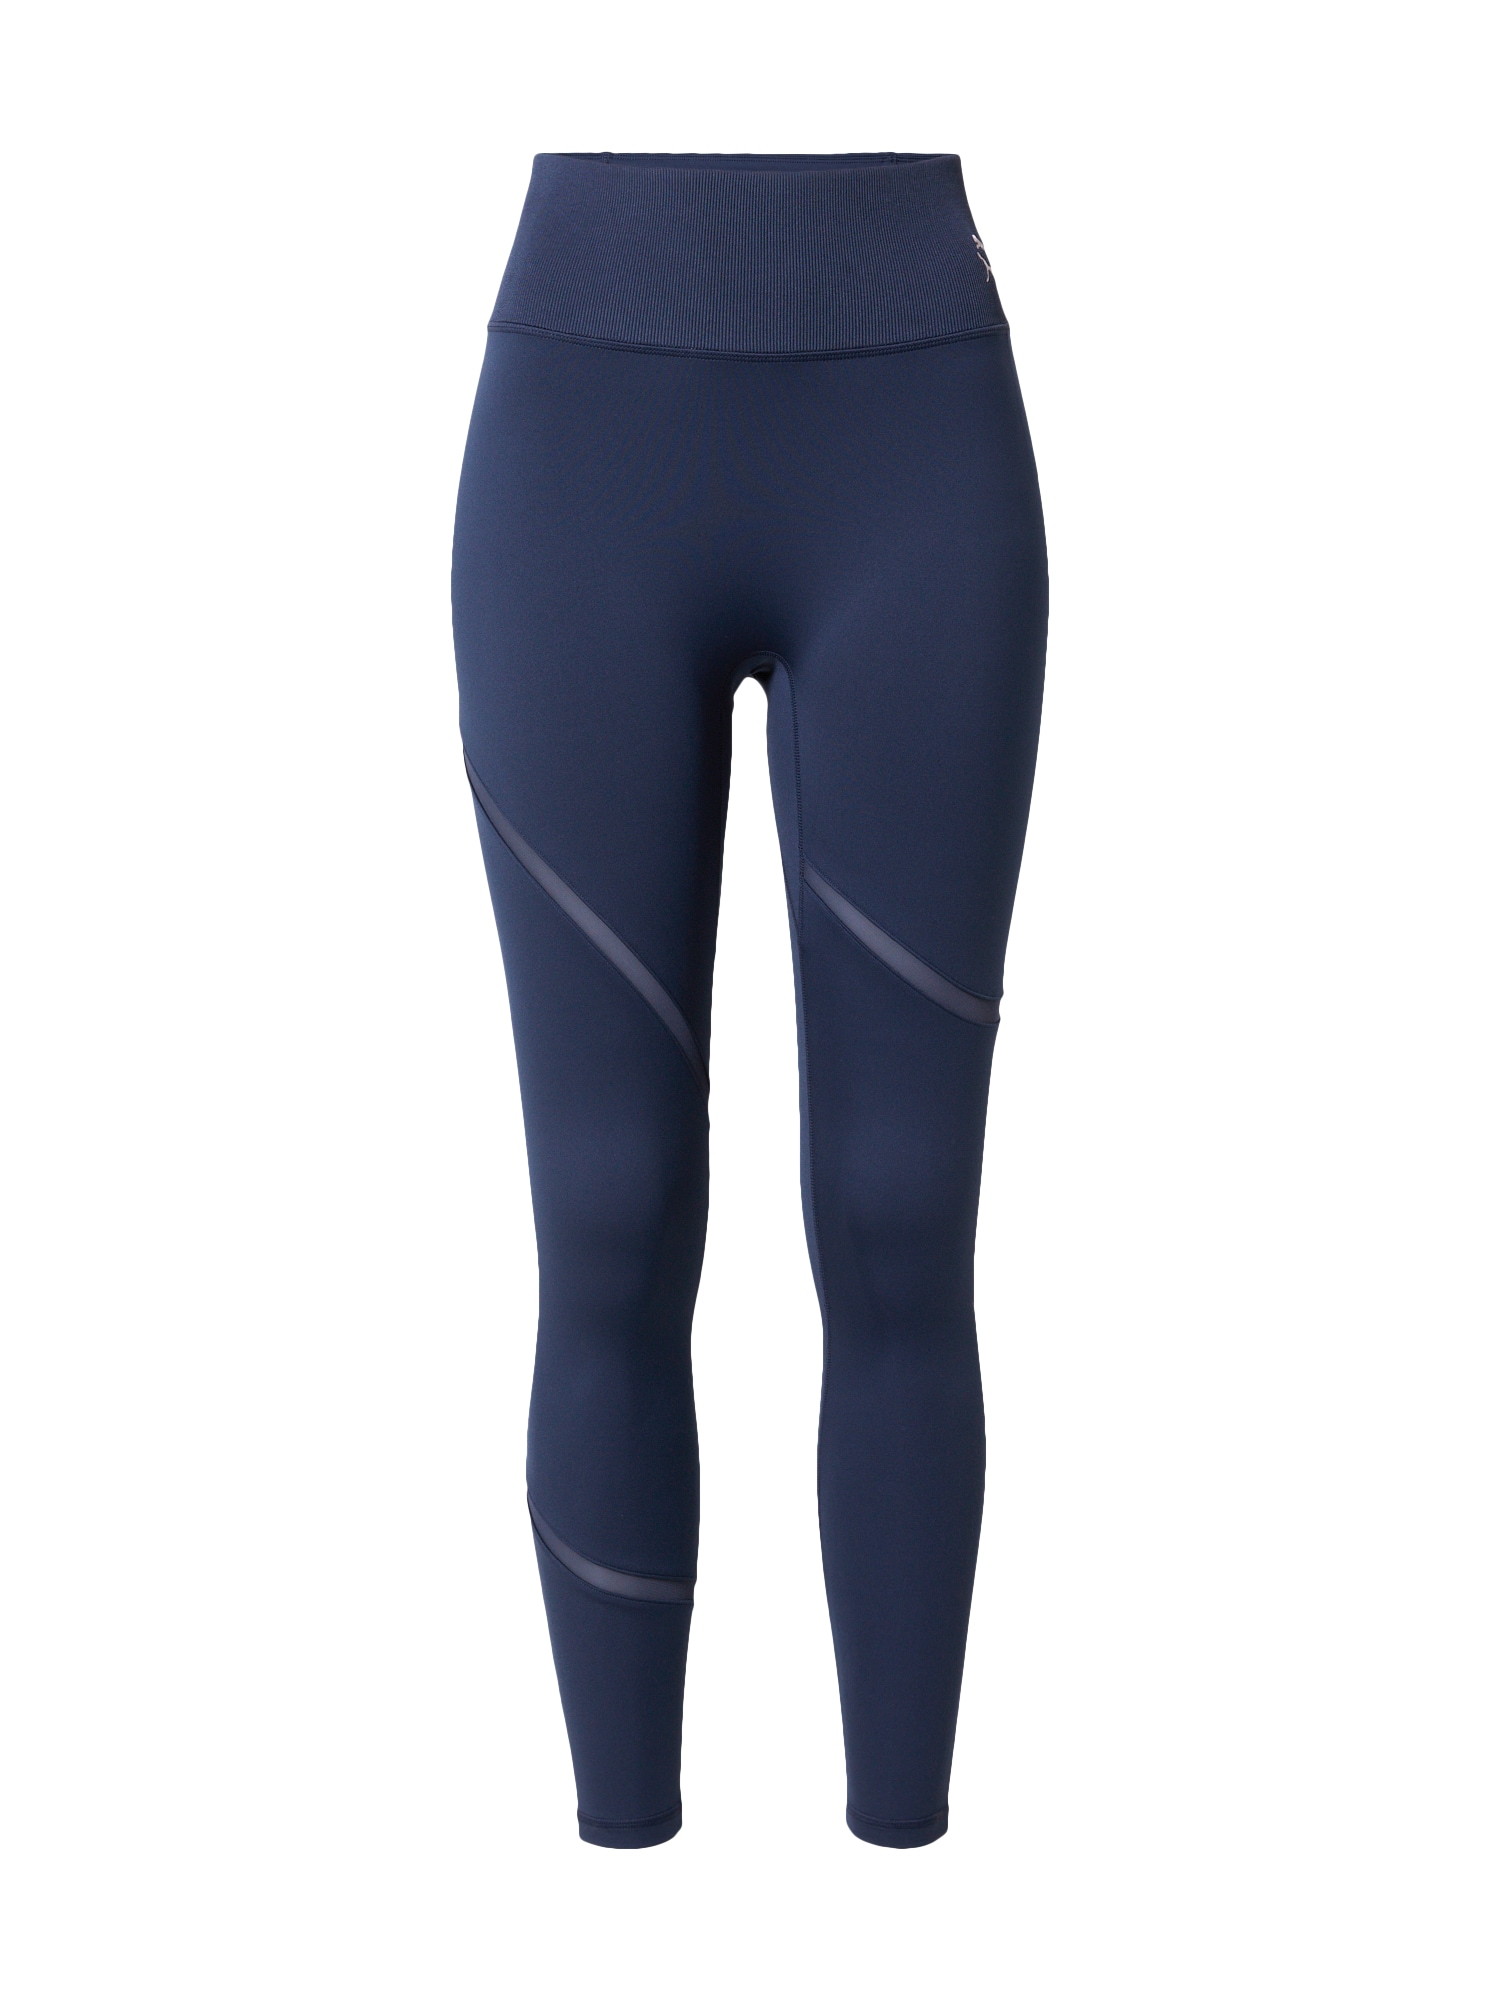 PUMA Sportovní kalhoty 'EXHALE'  námořnická modř